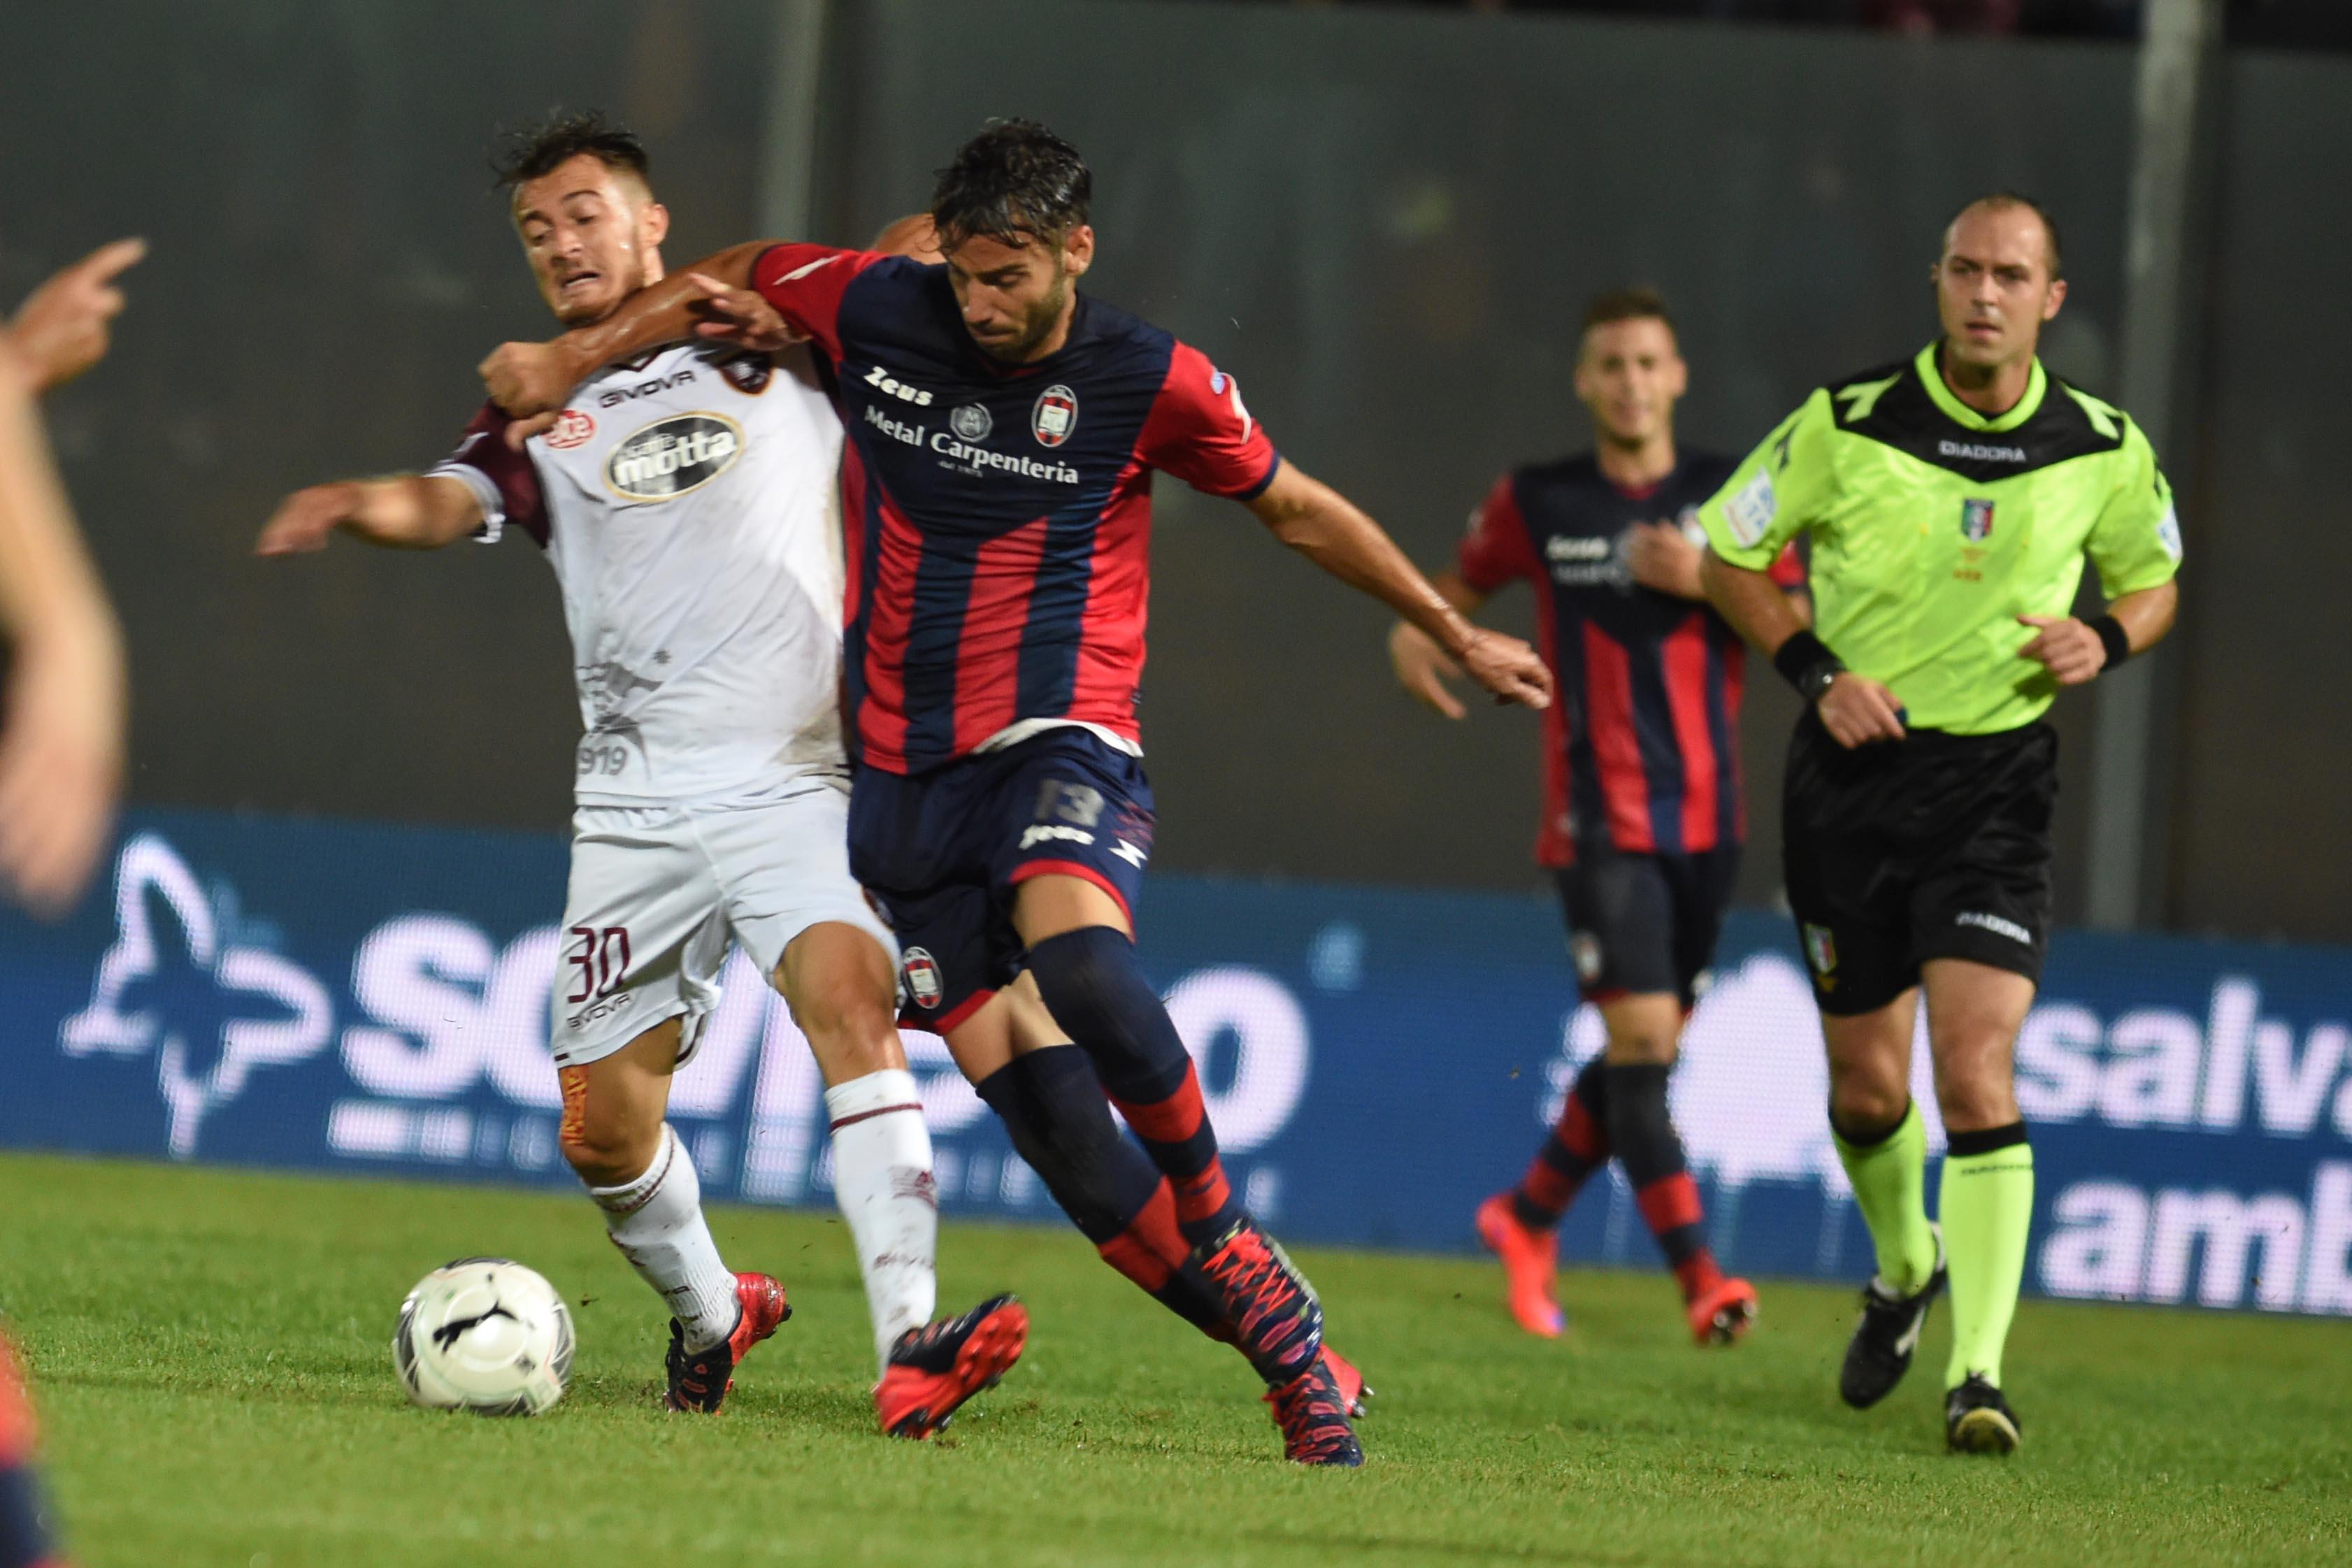 Cagliari-vs.-Crotone